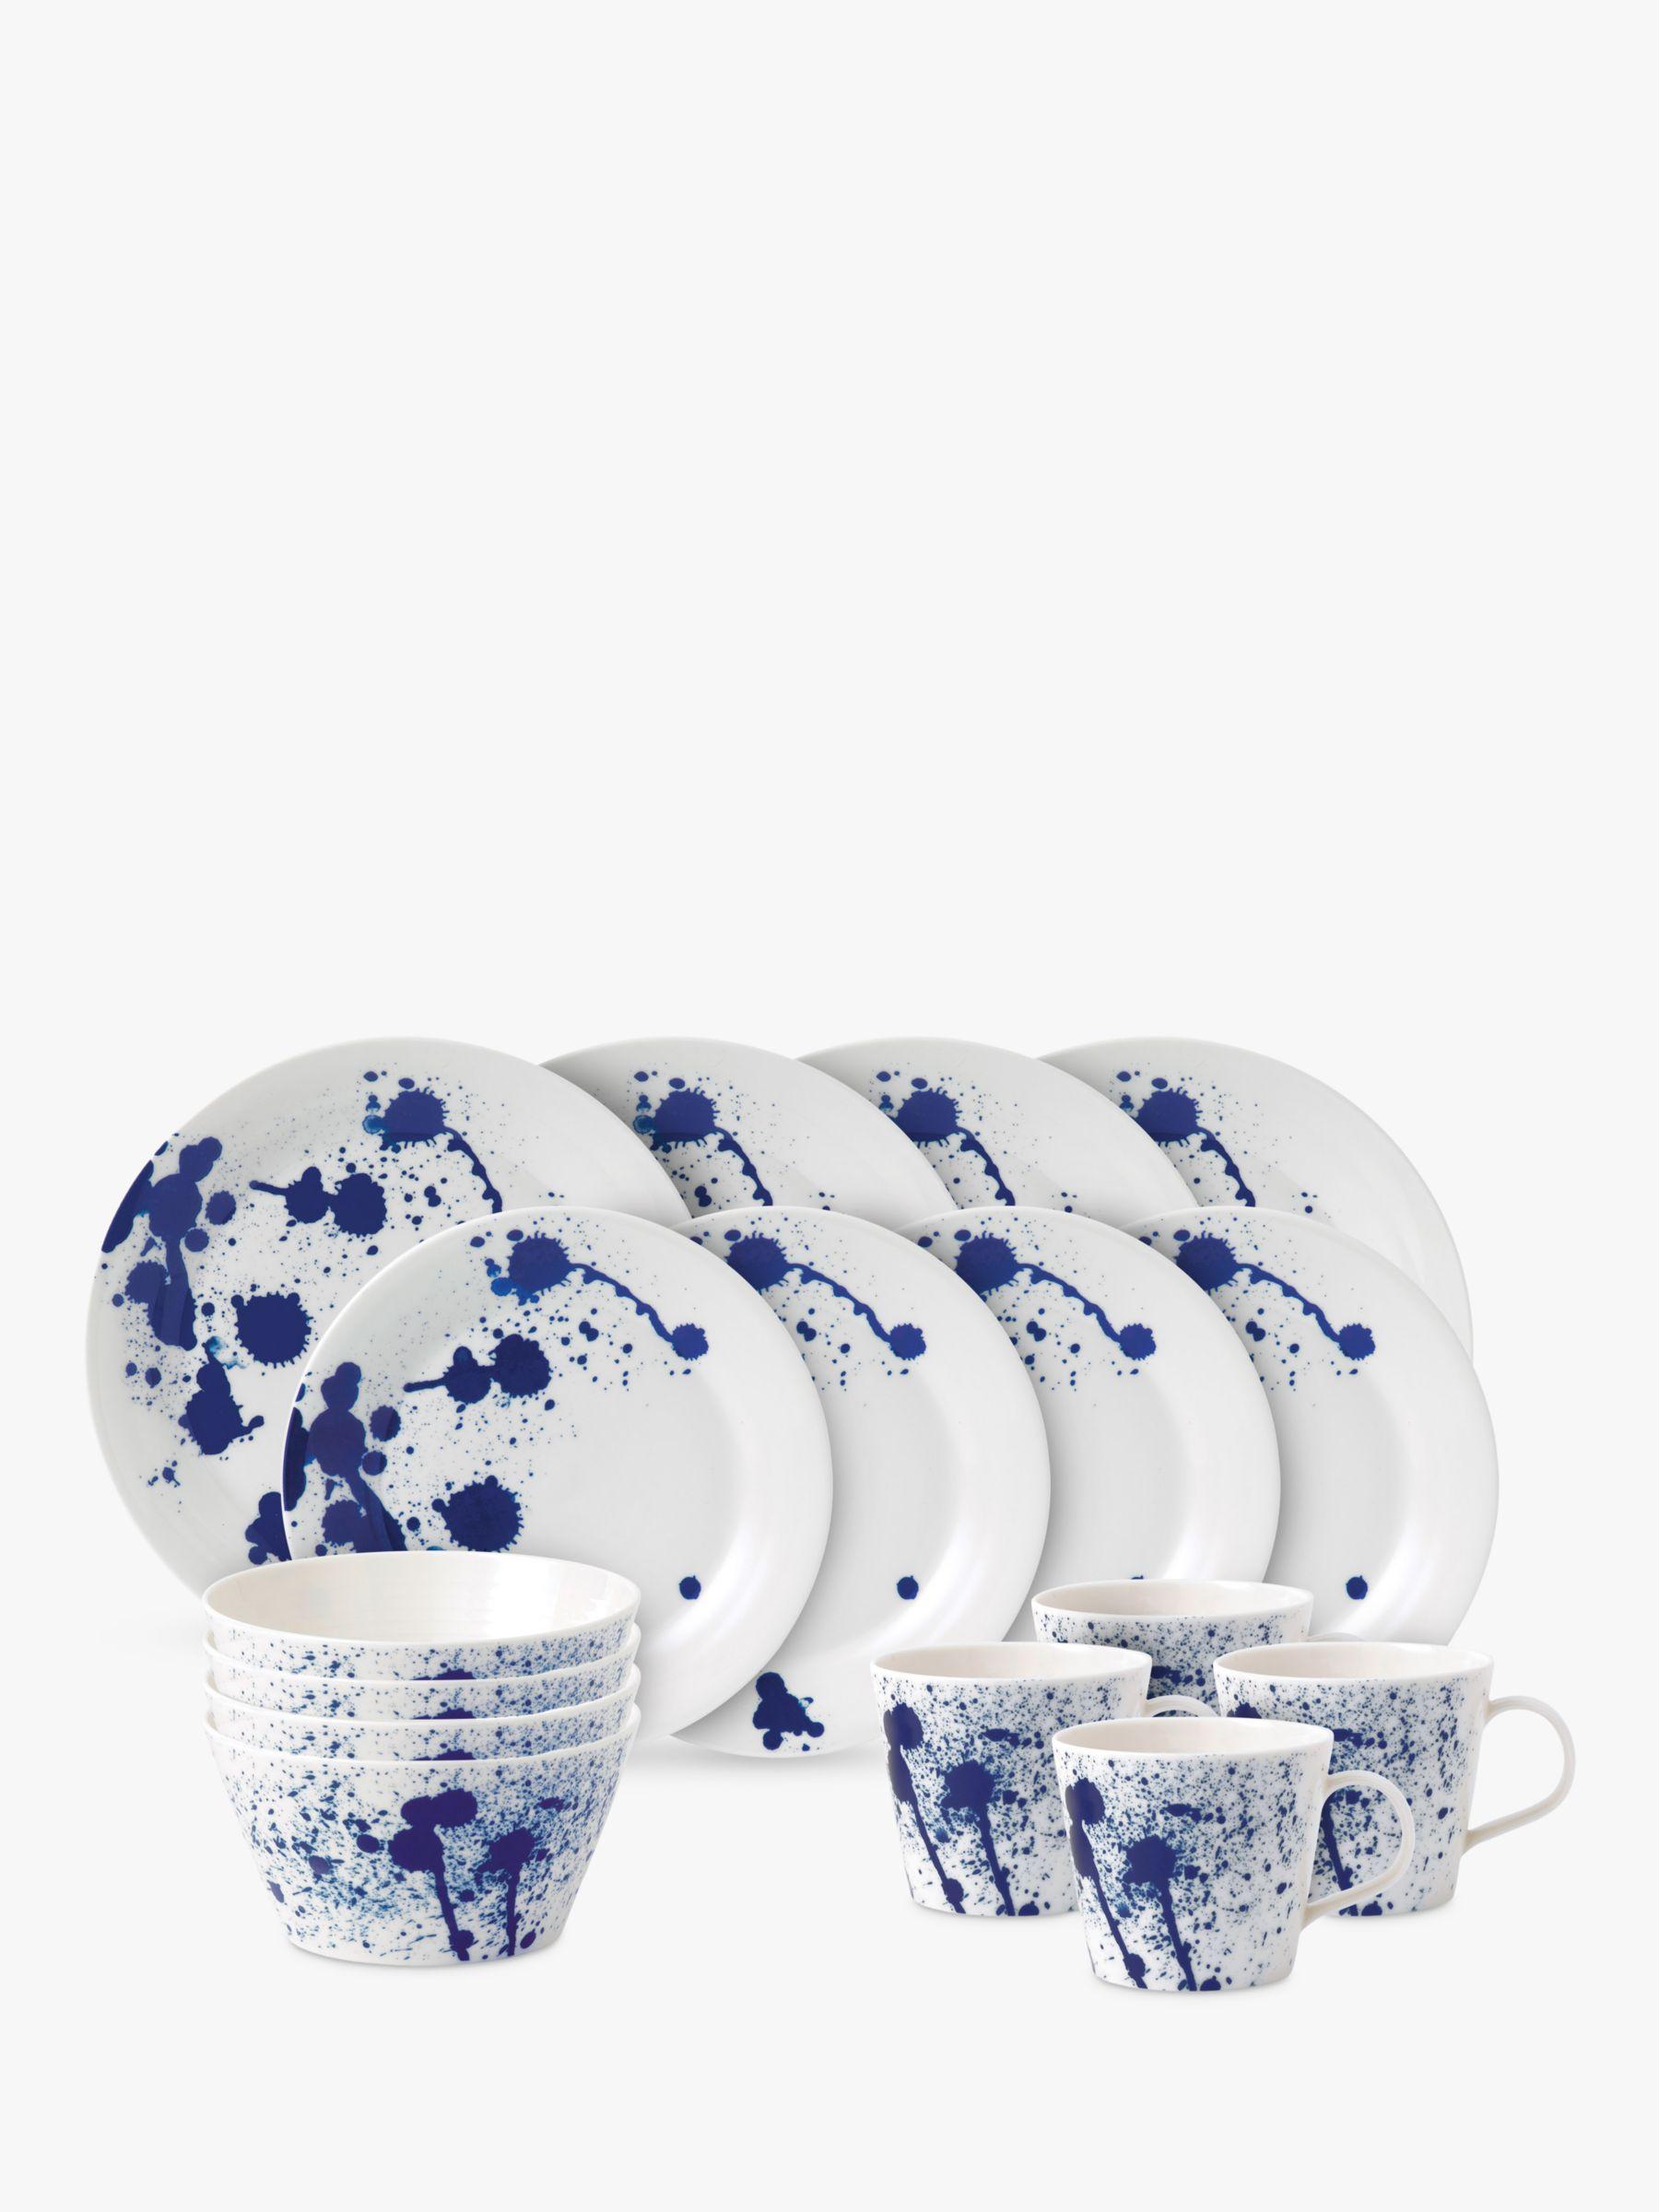 Royal Doulton Royal Doulton Pacific Porcelain Dinnerware Set, Splash, 16 Pieces